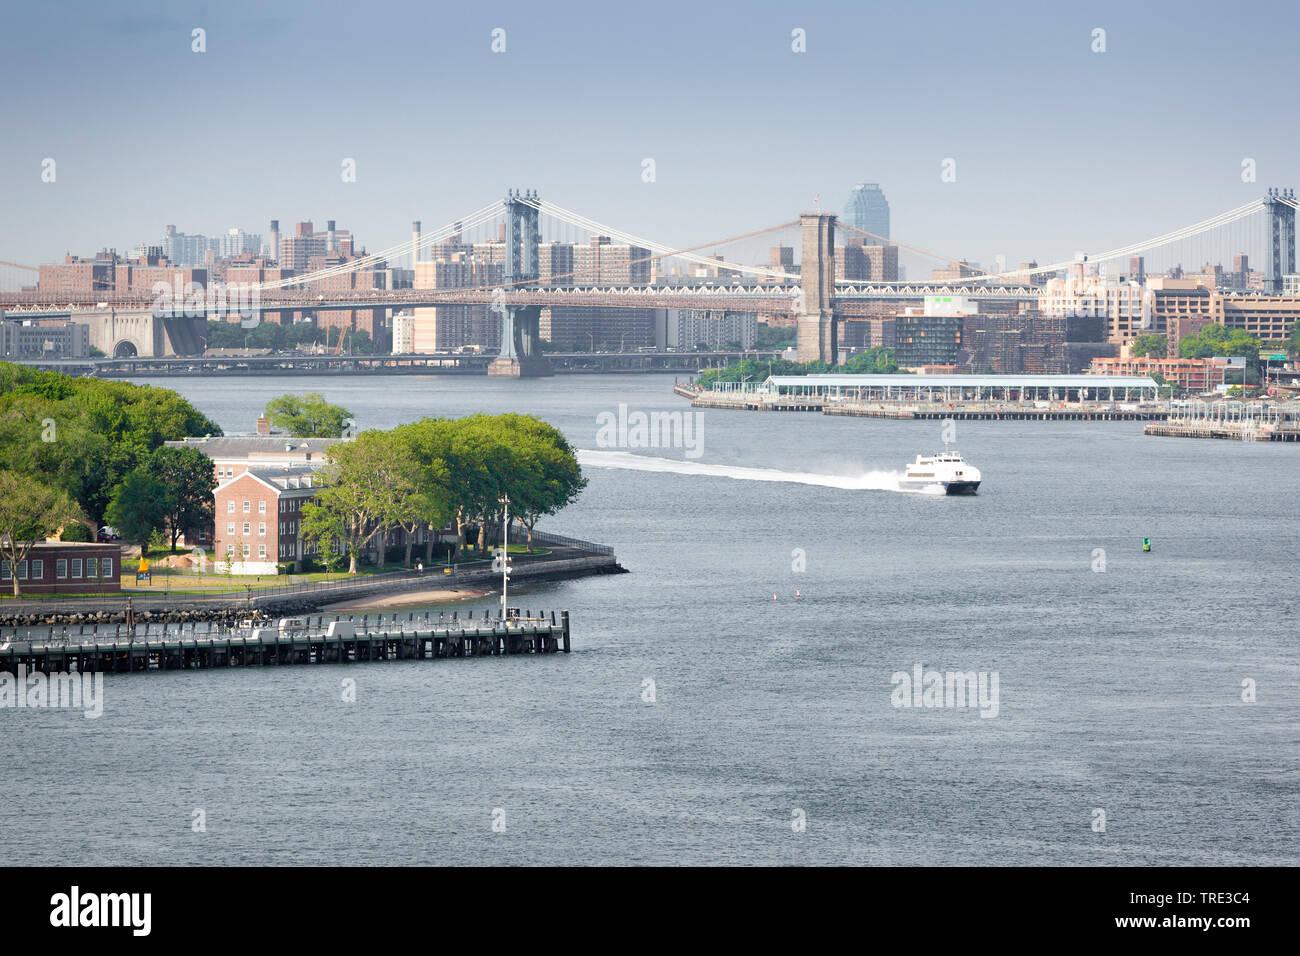 New York, USA, New York City | New York, USA, New York City | BLWS516232.jpg [ (c) blickwinkel/McPHOTO/M. Gann Tel. +49 (0)2302-2793220, E-mail: info@ - Stock Image